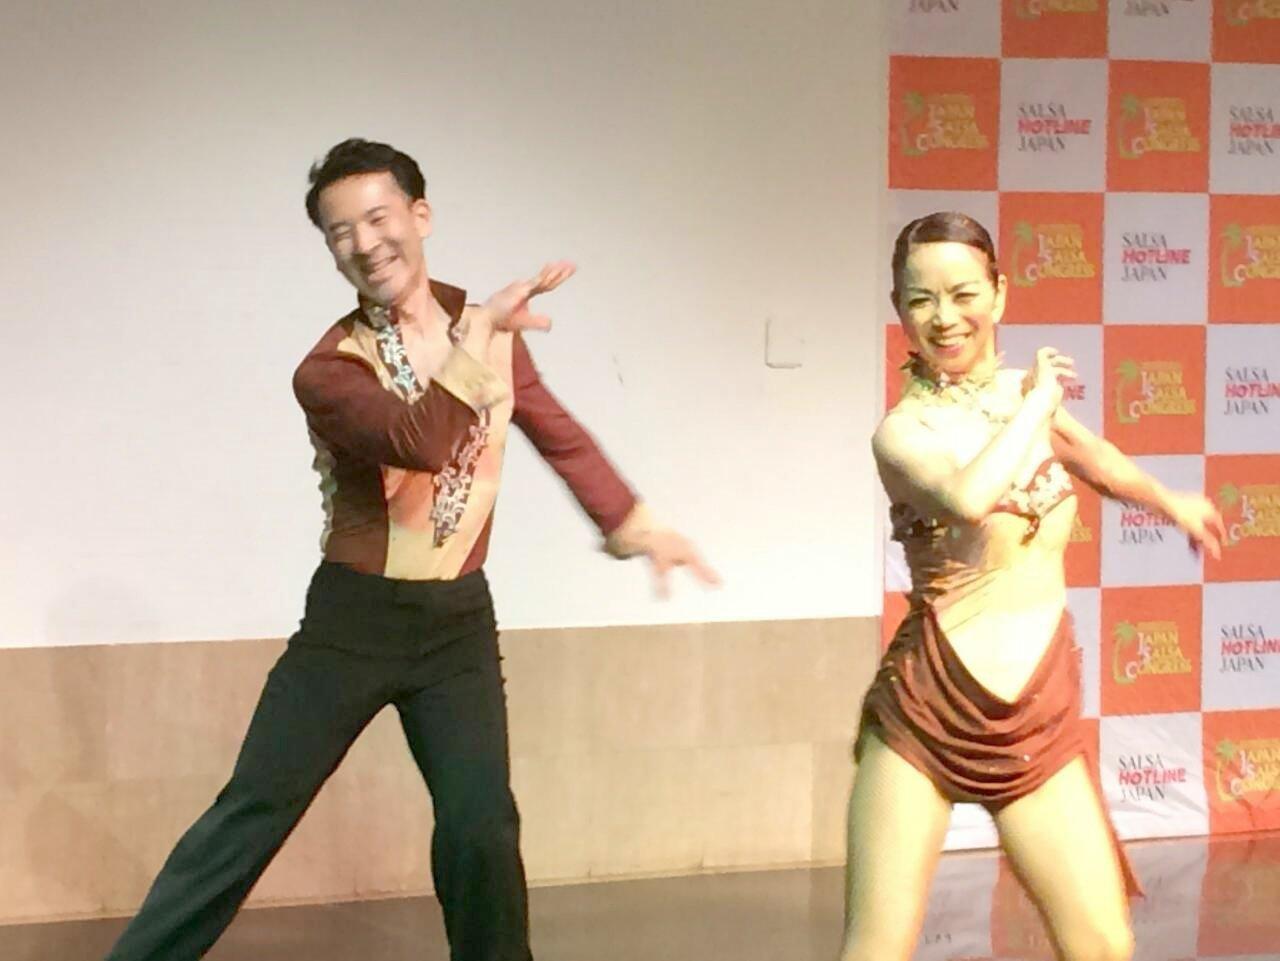 社交ダンス衣装 collection